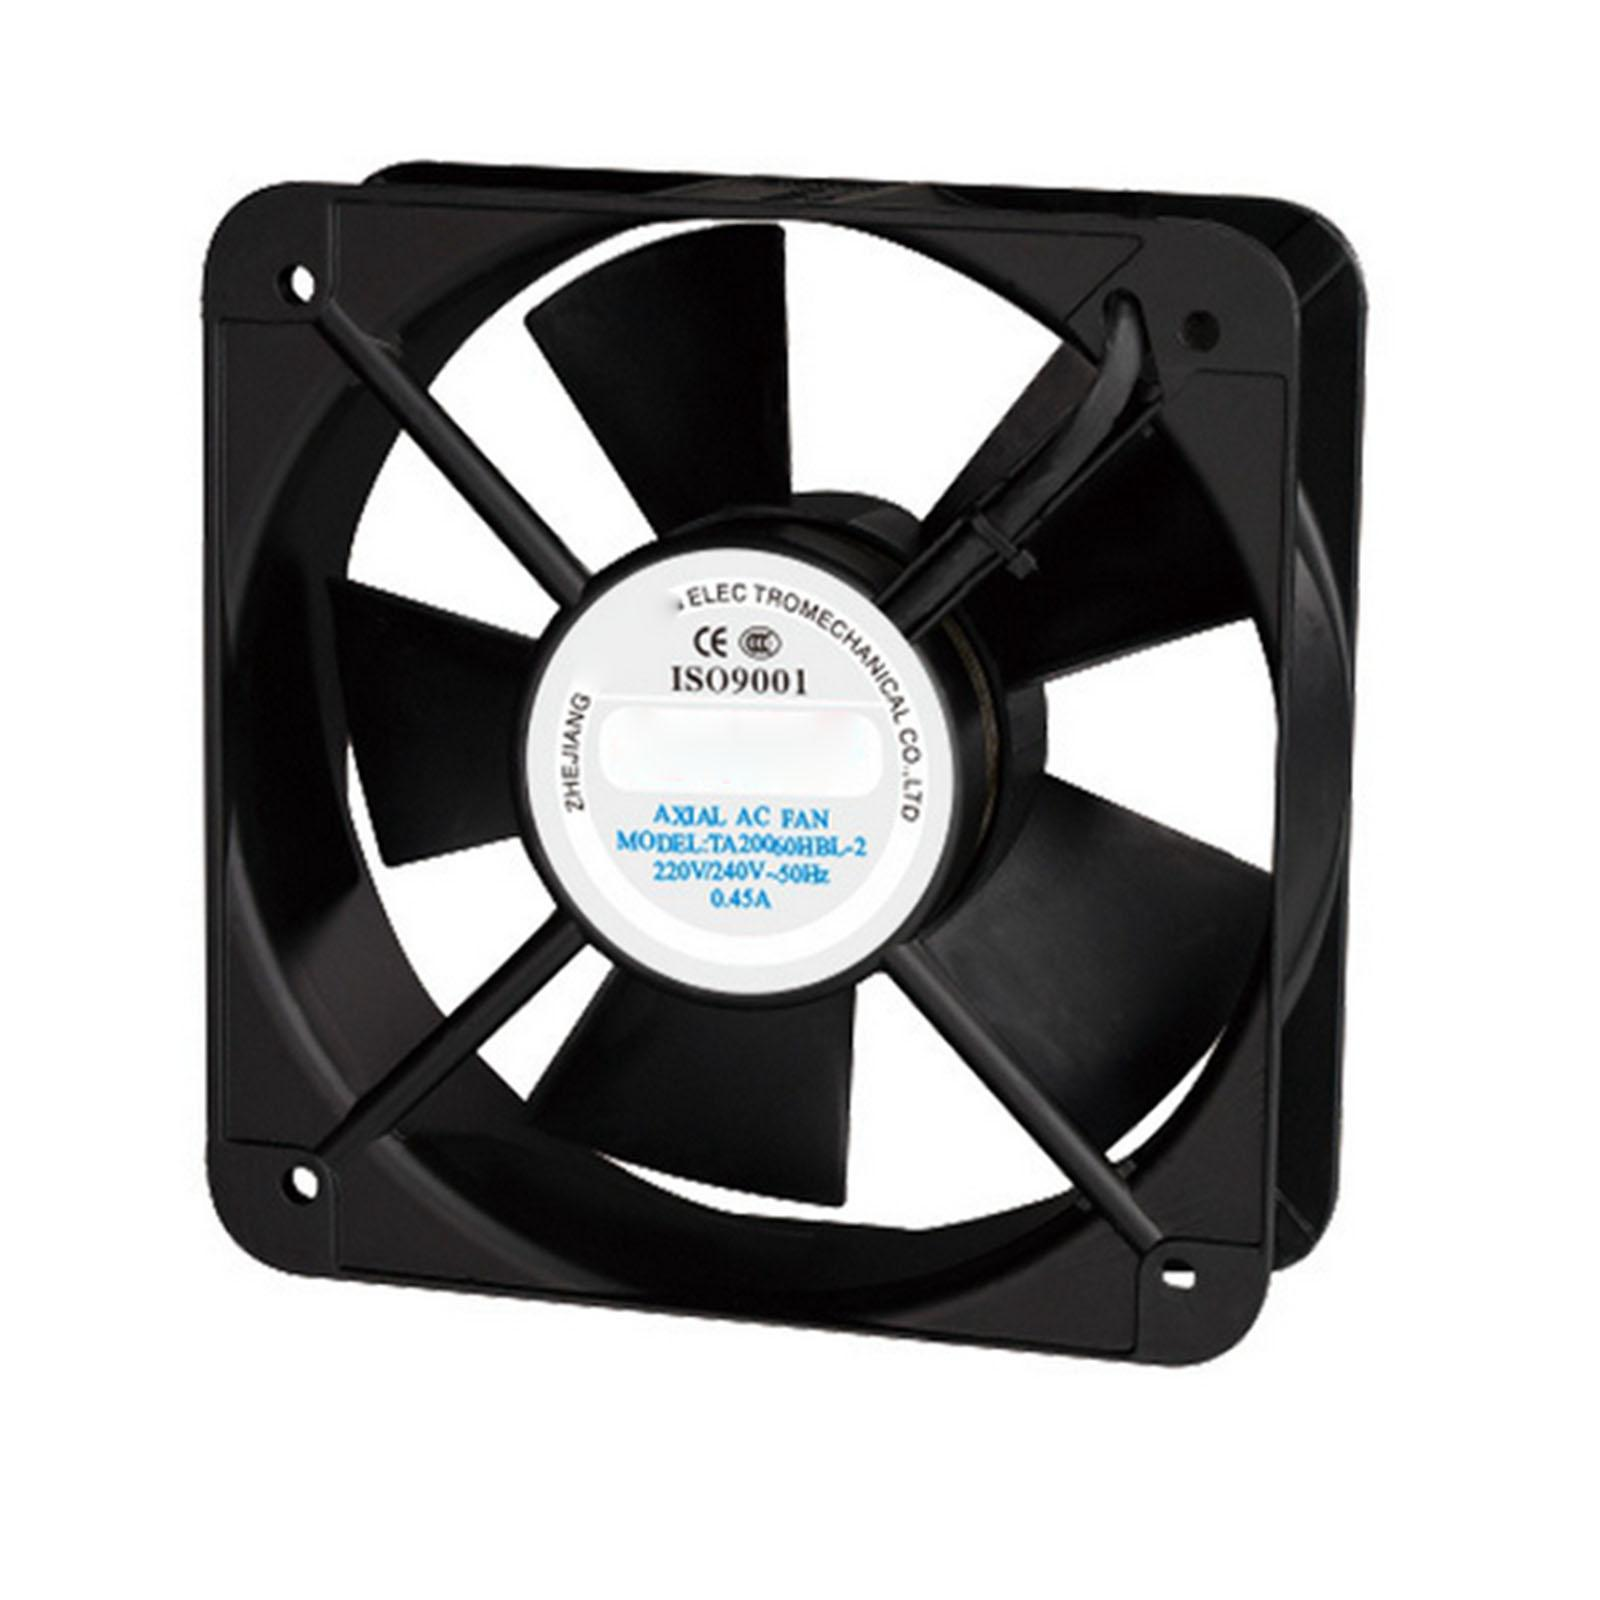 220V AC 200x200x60mm Axial Radiator Fan 285CFM 2500RPM Ball Bearing High Speed 220v ac 280x280x80mm axial radiator fan 1341cfm 2400rpm ball bearing high speed